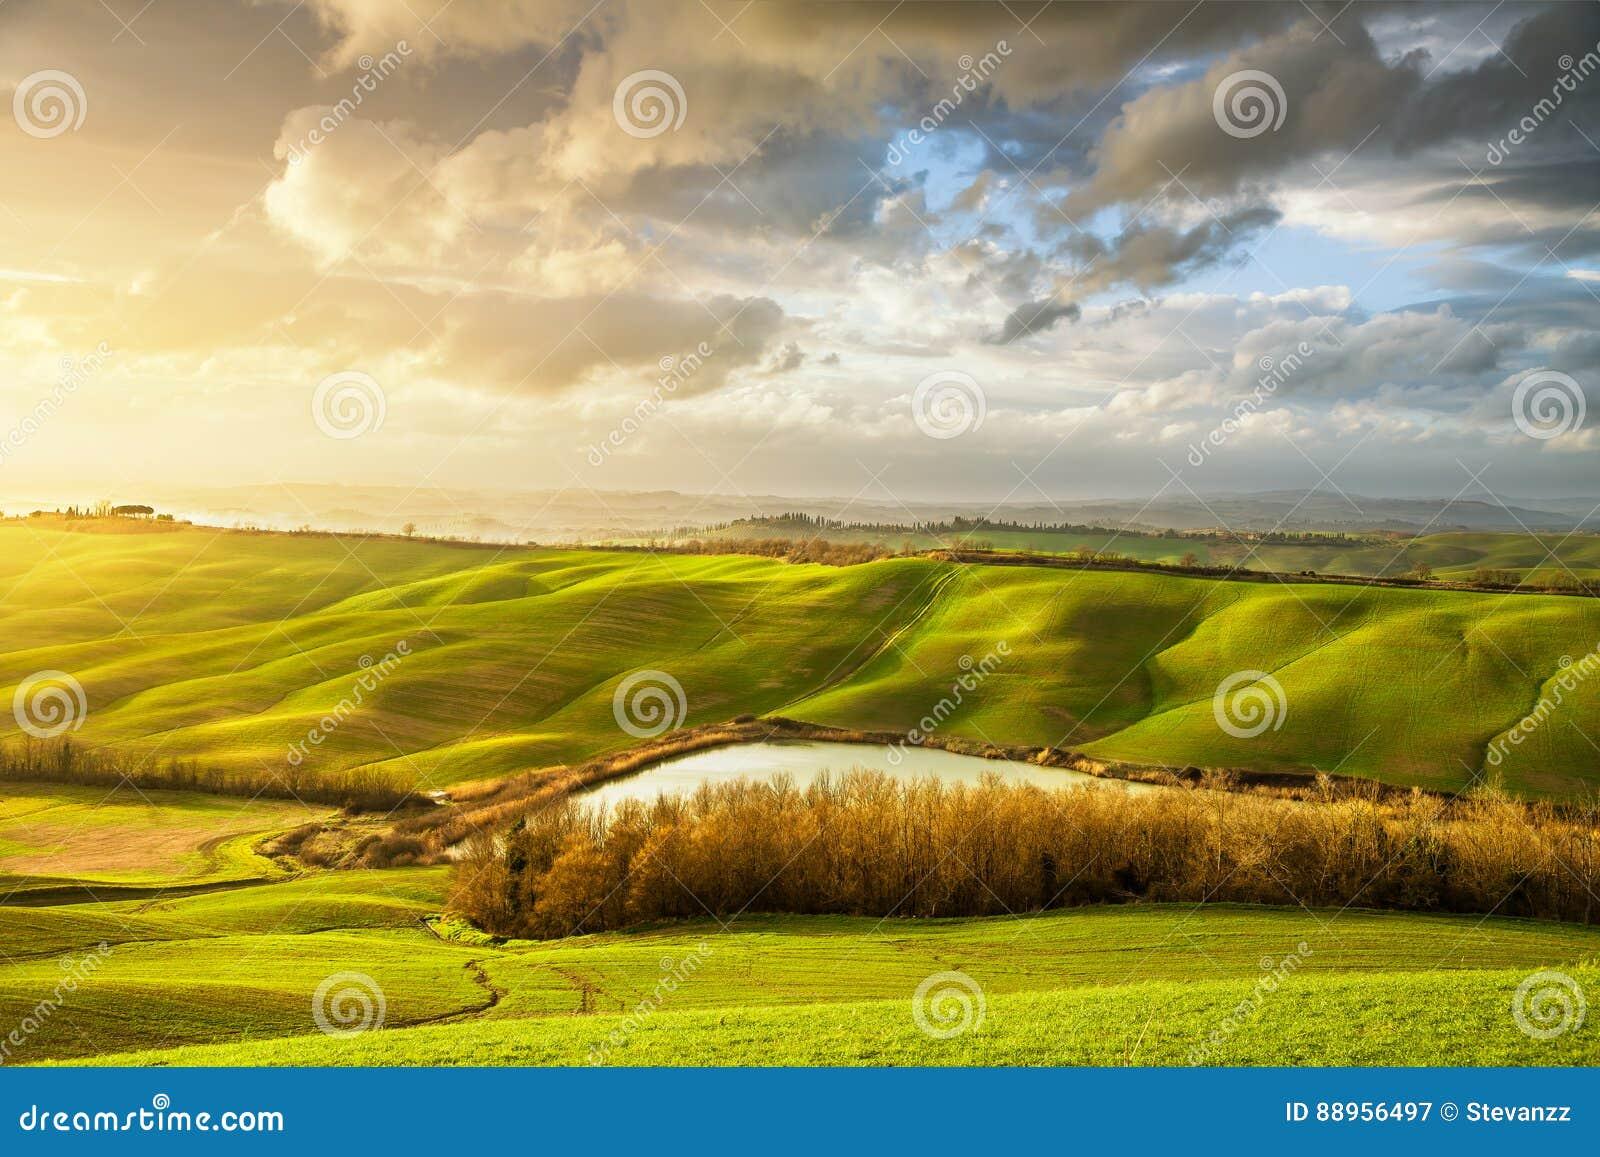 Tuscany mglista panorama przy zmierzchem, toczni wzgórza, jezioro, pola, m